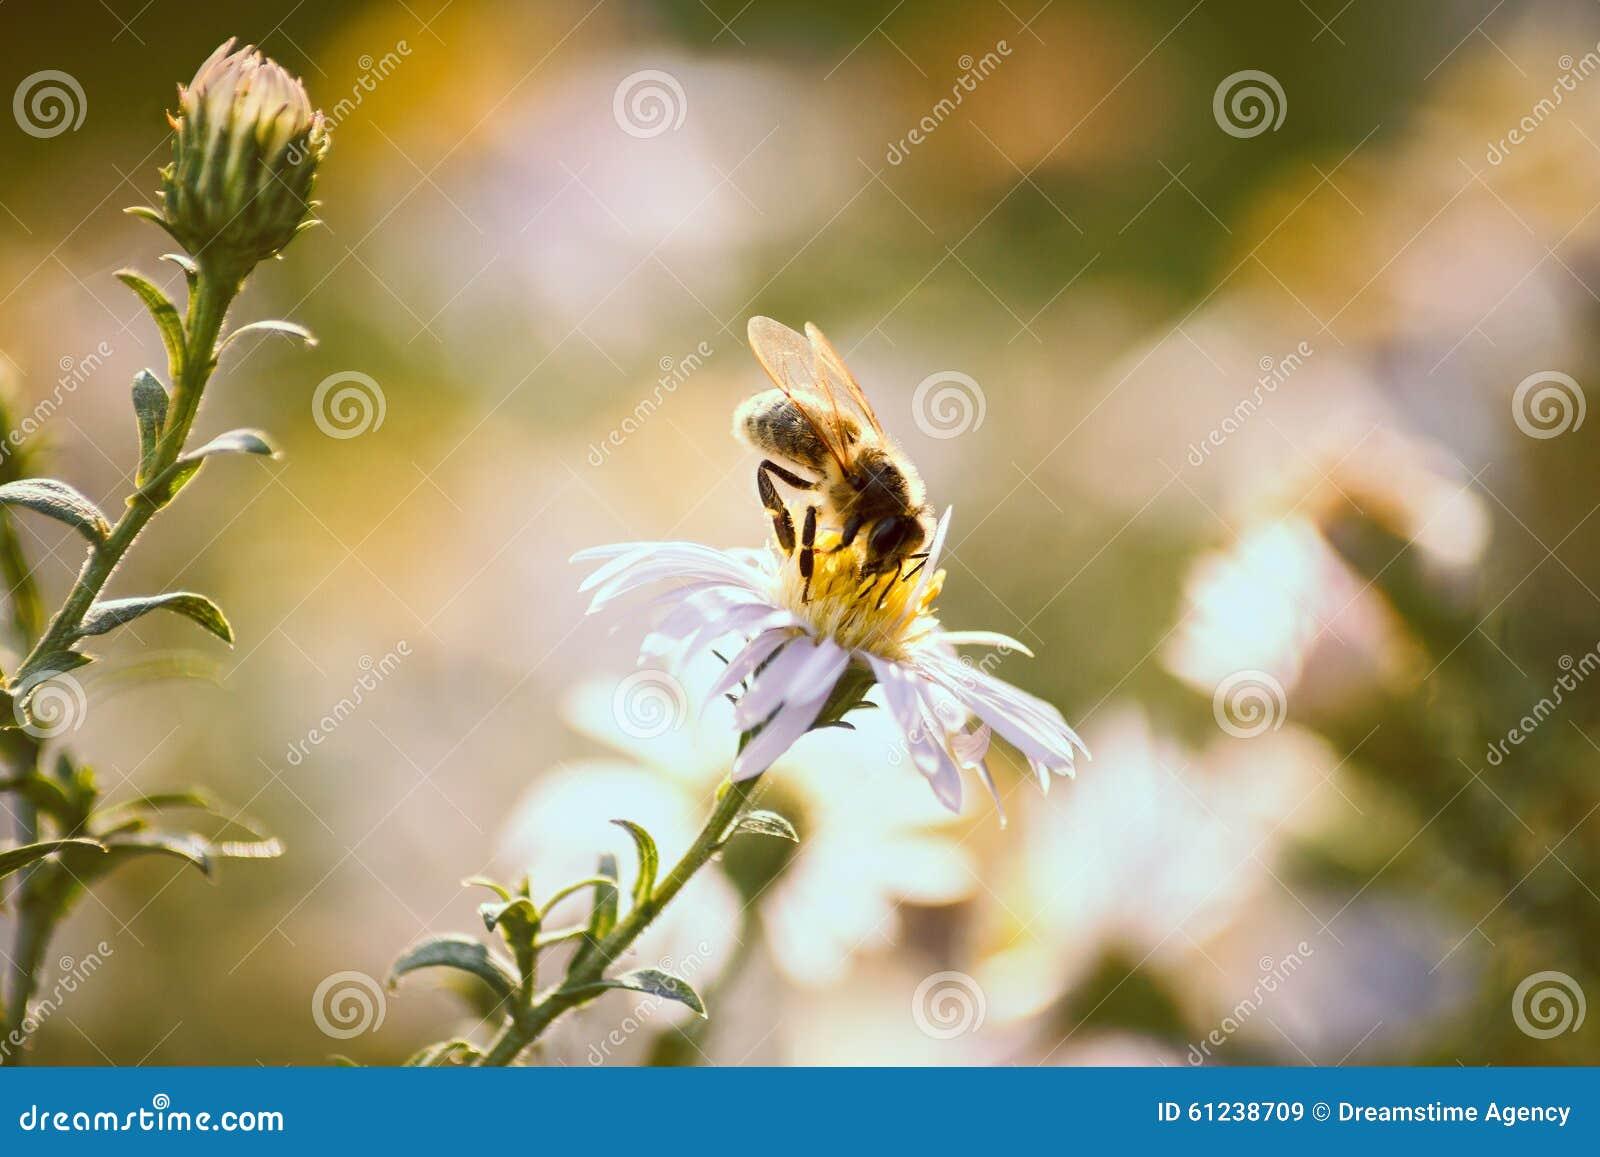 Abeja en una flor